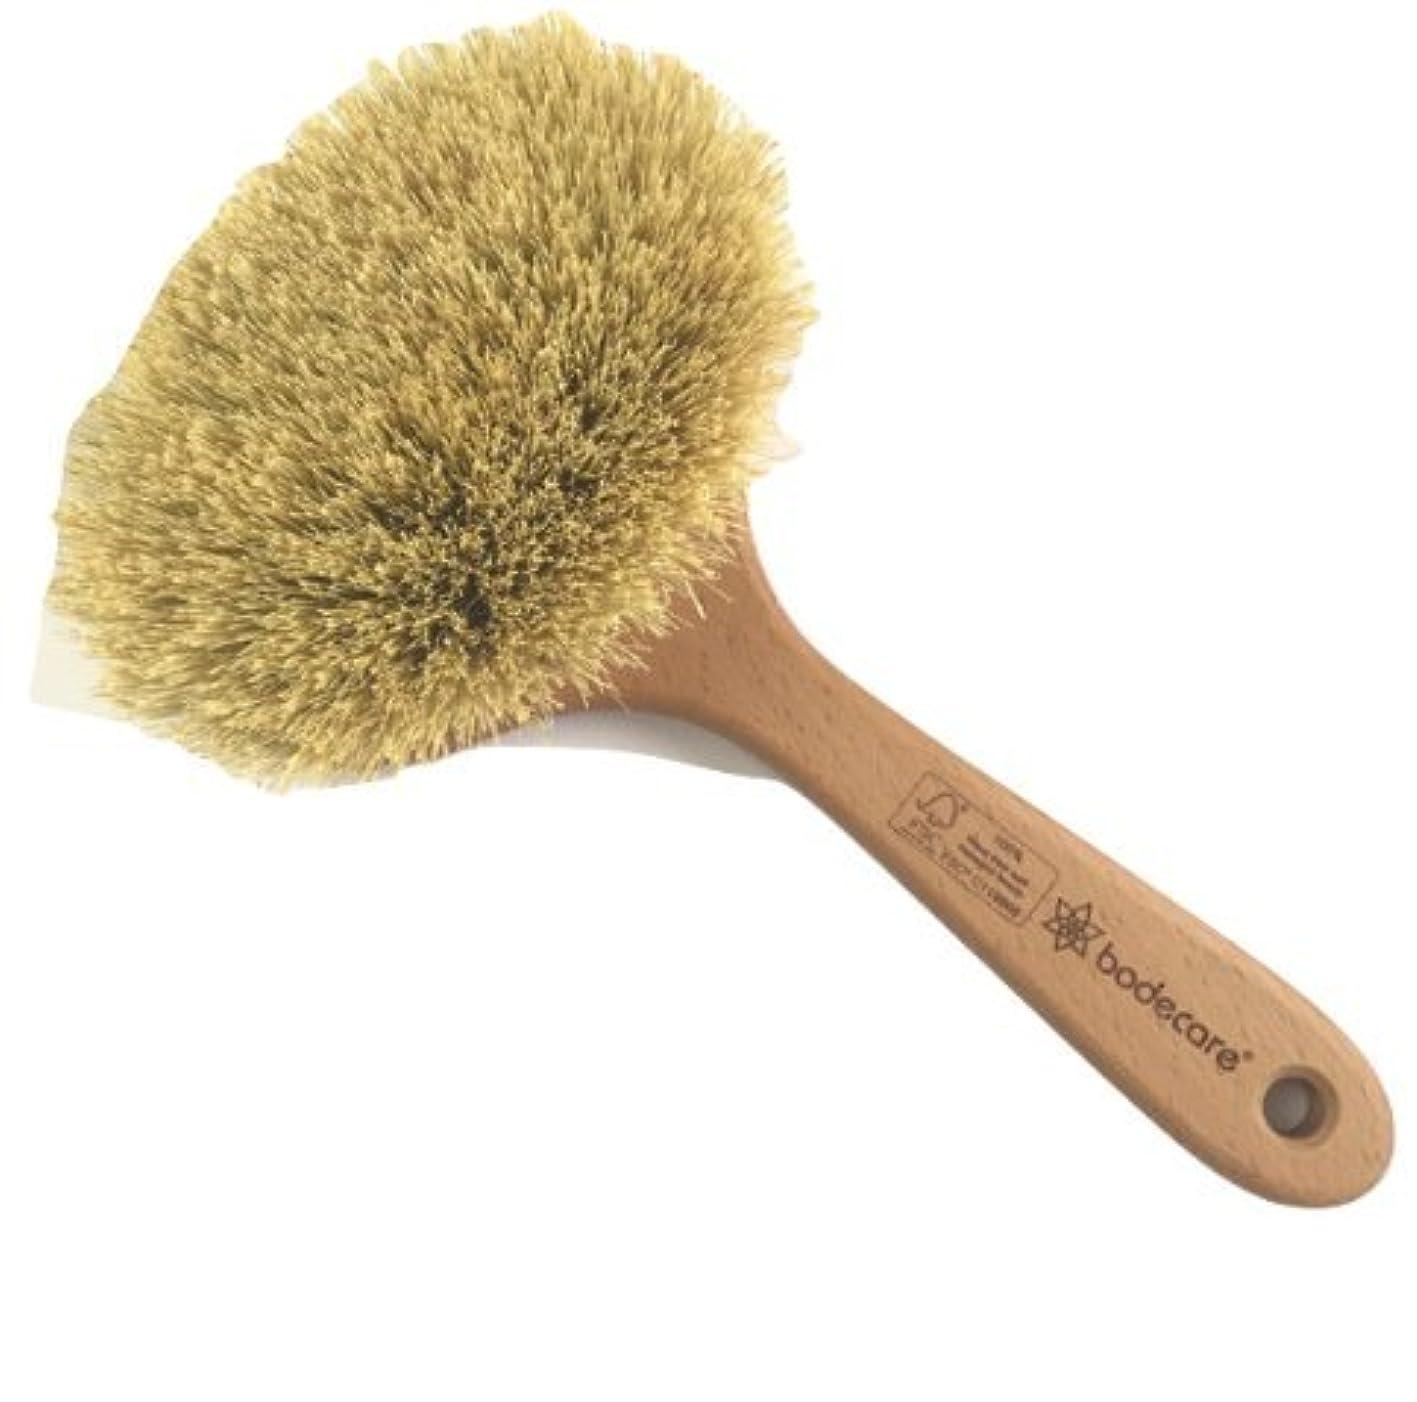 確立拡大するワイヤーめぐりの良い美肌にデトックスドライボディブラシ(ミディアム)